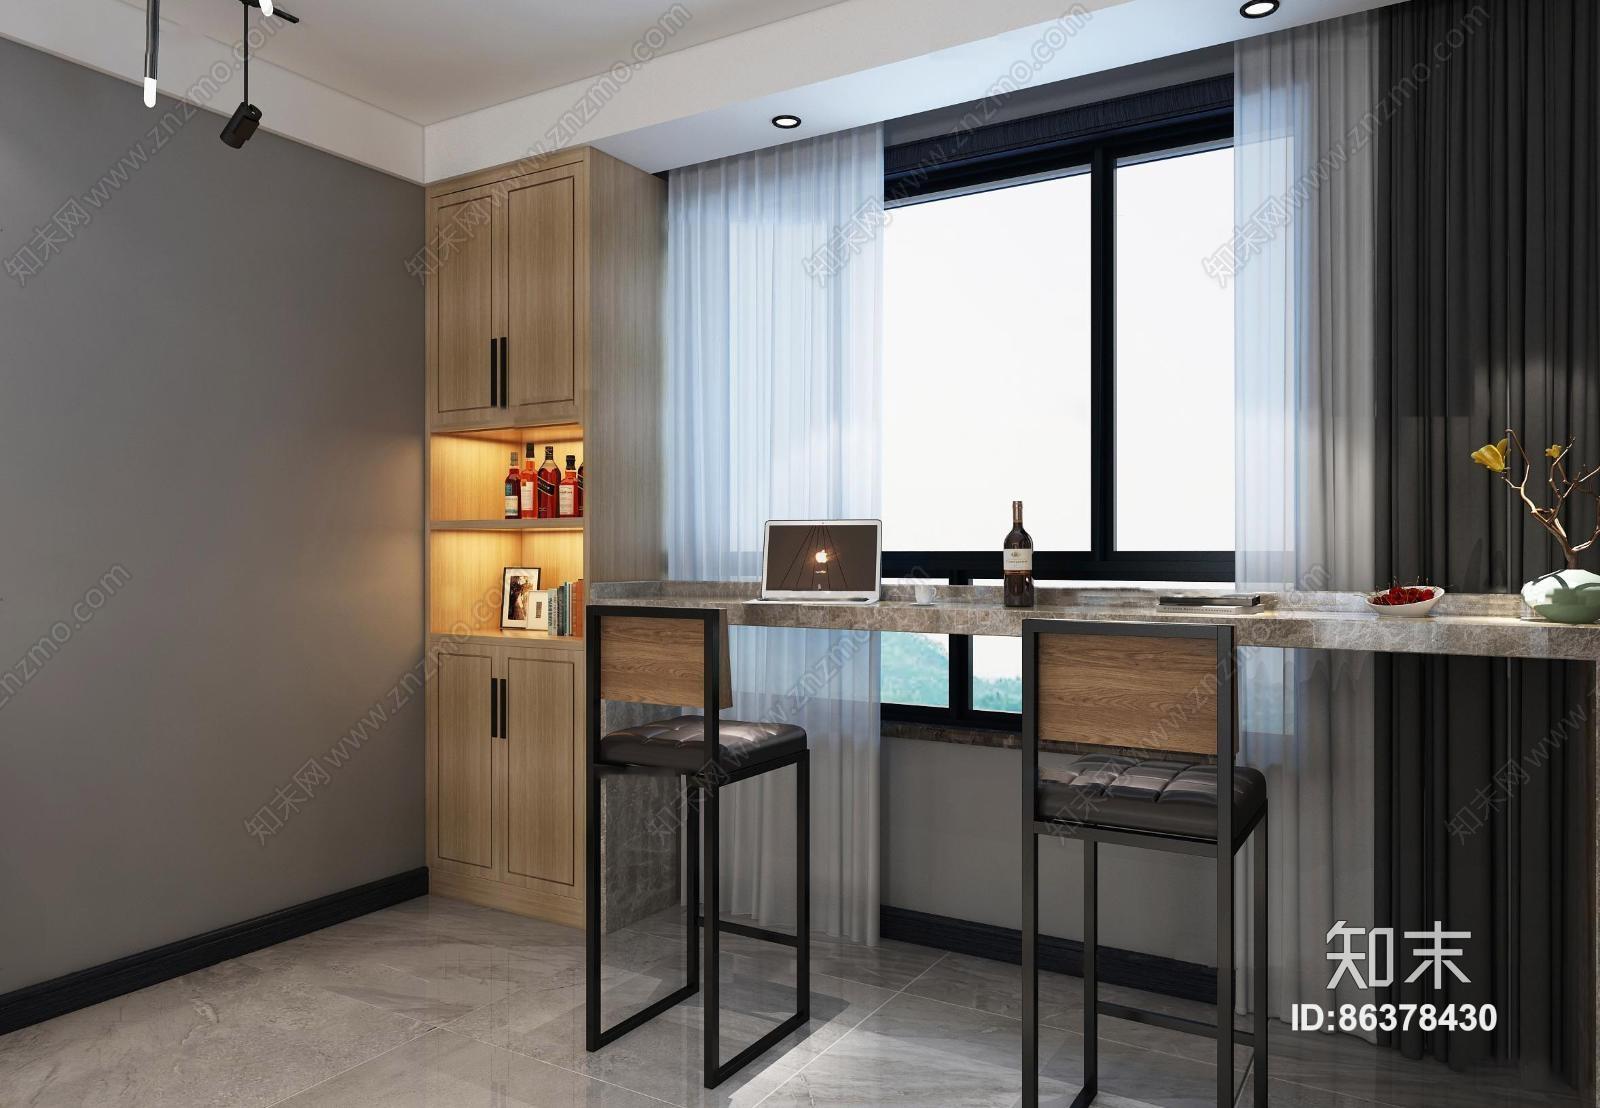 北欧客厅餐厅 吊灯 台灯 单双人沙发 茶几 装饰柜 陈设摆件 置物架 吧台 储物柜